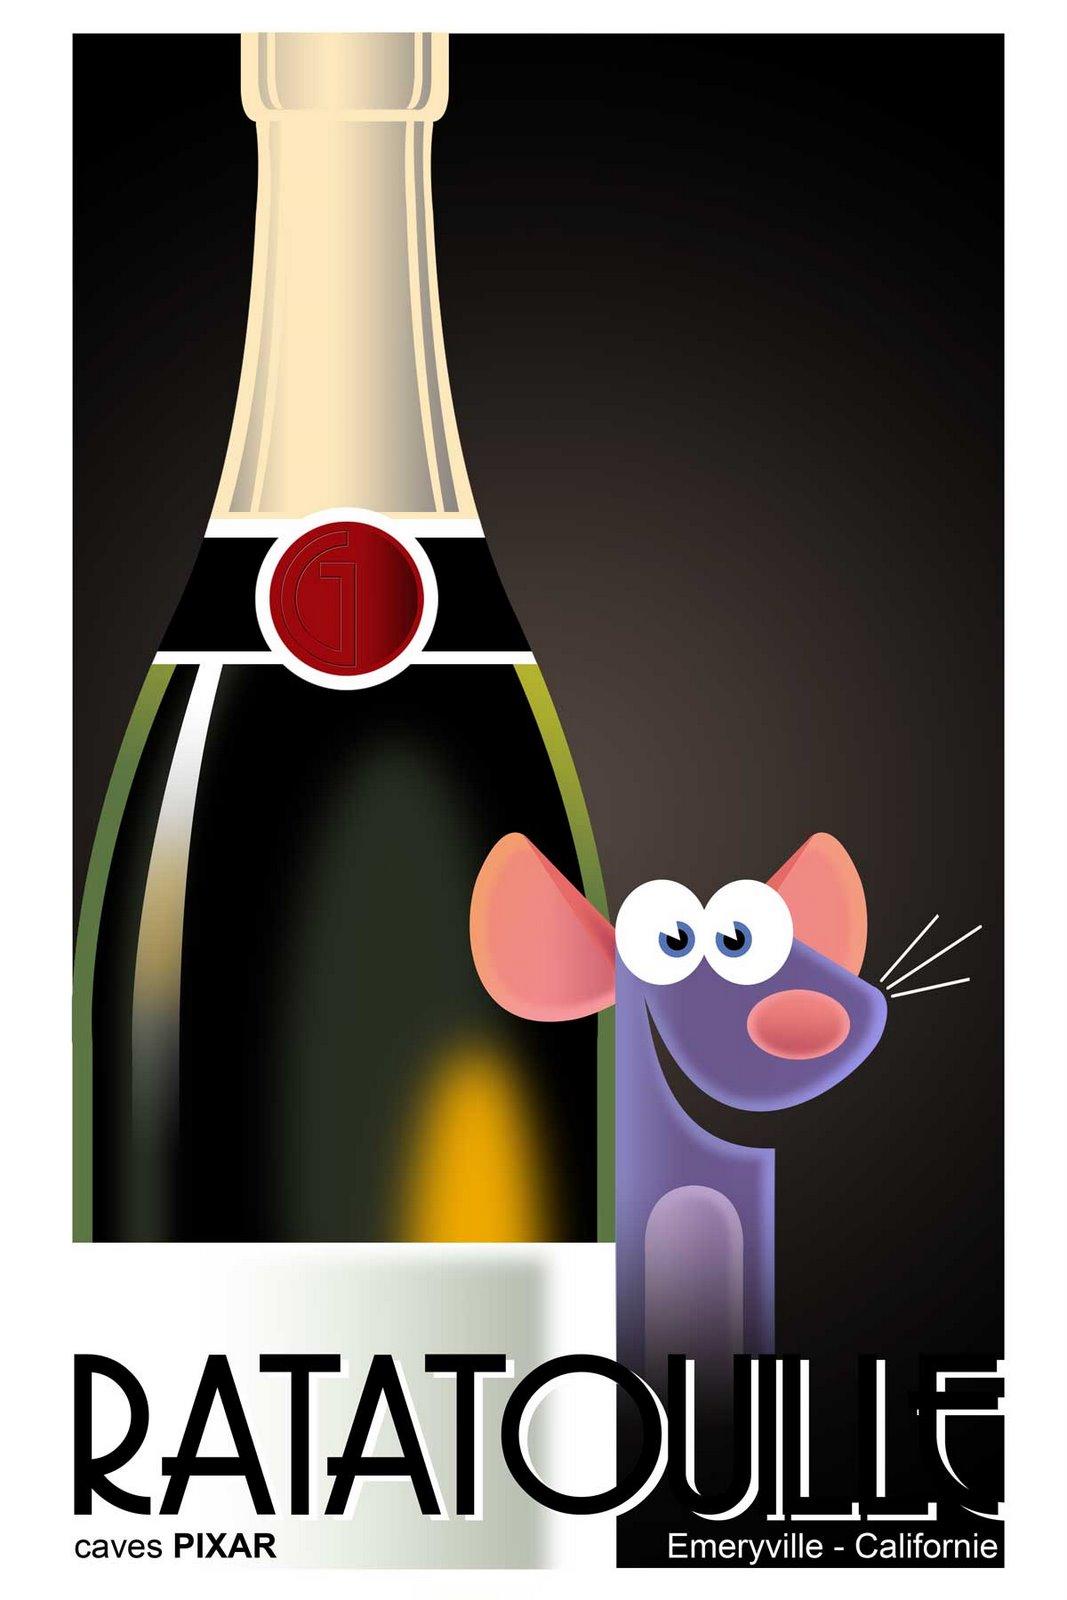 36086_Ratatouille-champagne-black_123_358lo.jpg